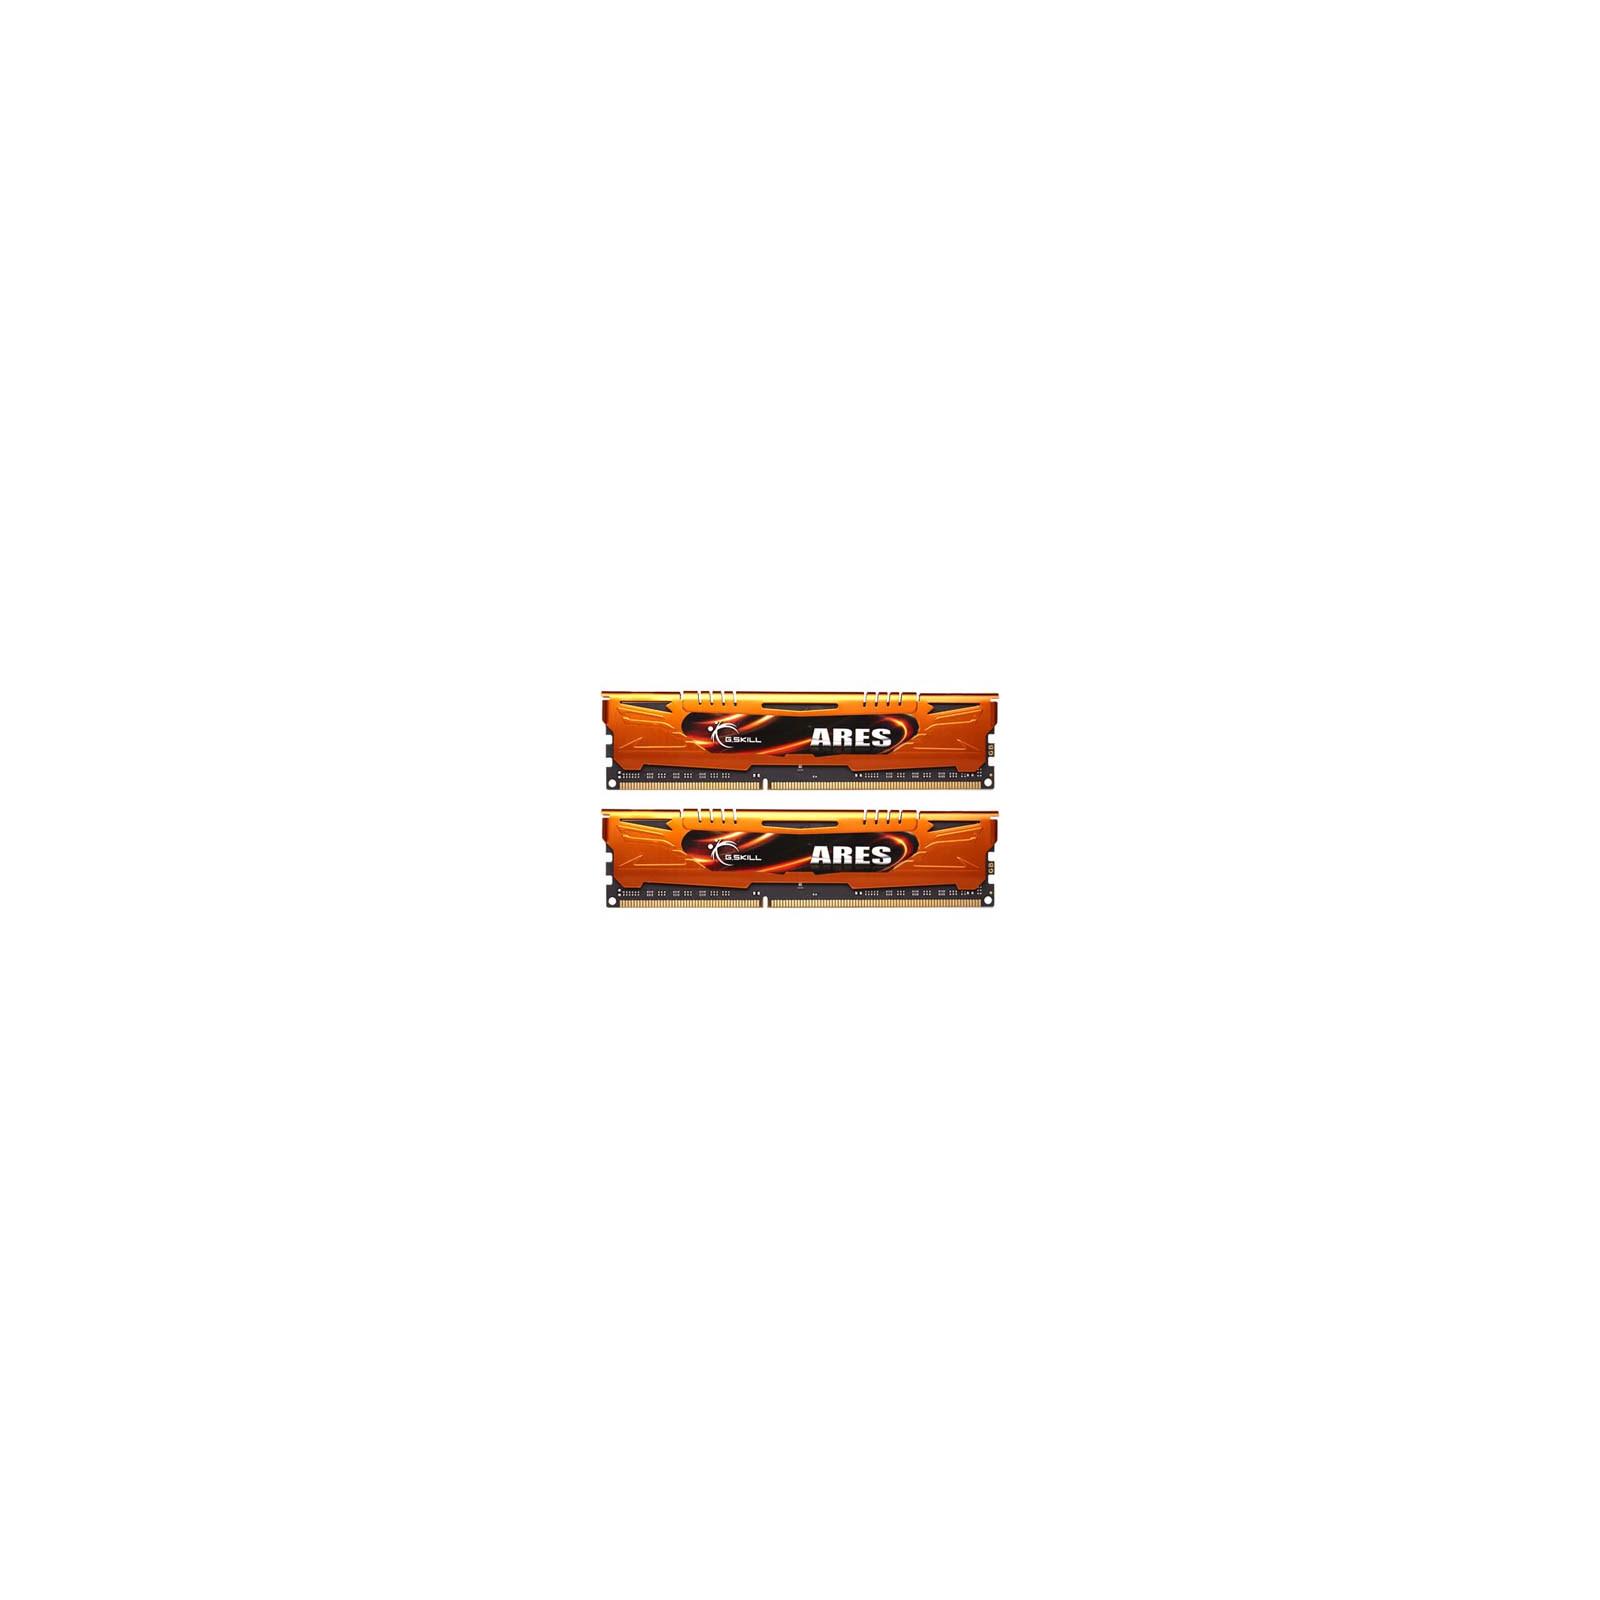 Модуль памяти для компьютера DDR3 16GB (2x8GB) 1333 MHz G.Skill (F3-1333C9D-16GAO)